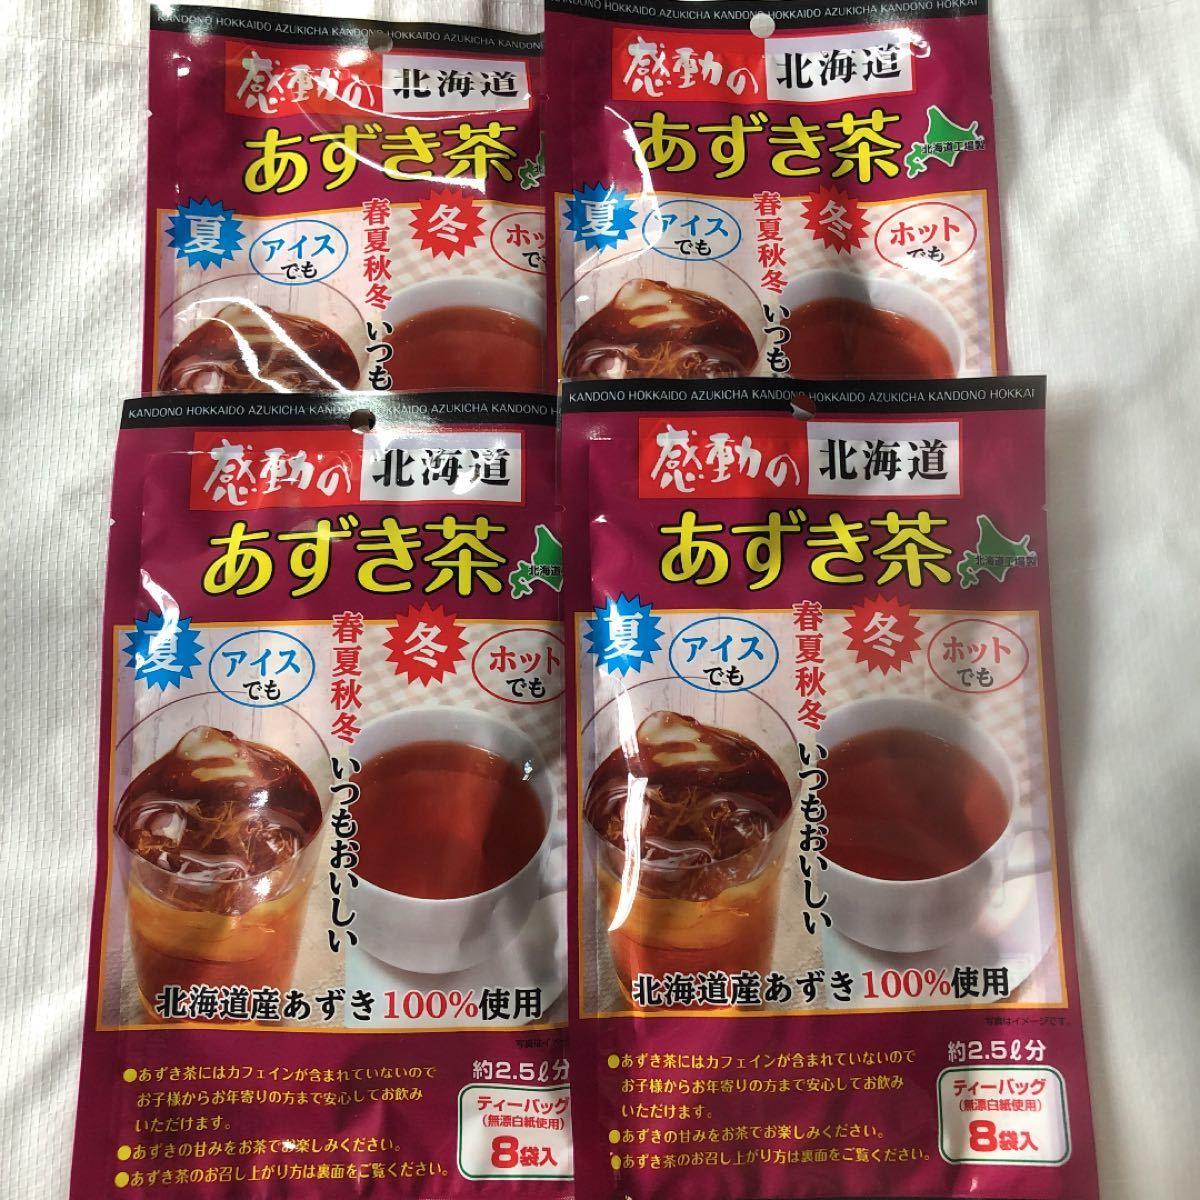 北海道産 あずき茶 ティーバッグ8袋入り 4袋セット 小豆茶